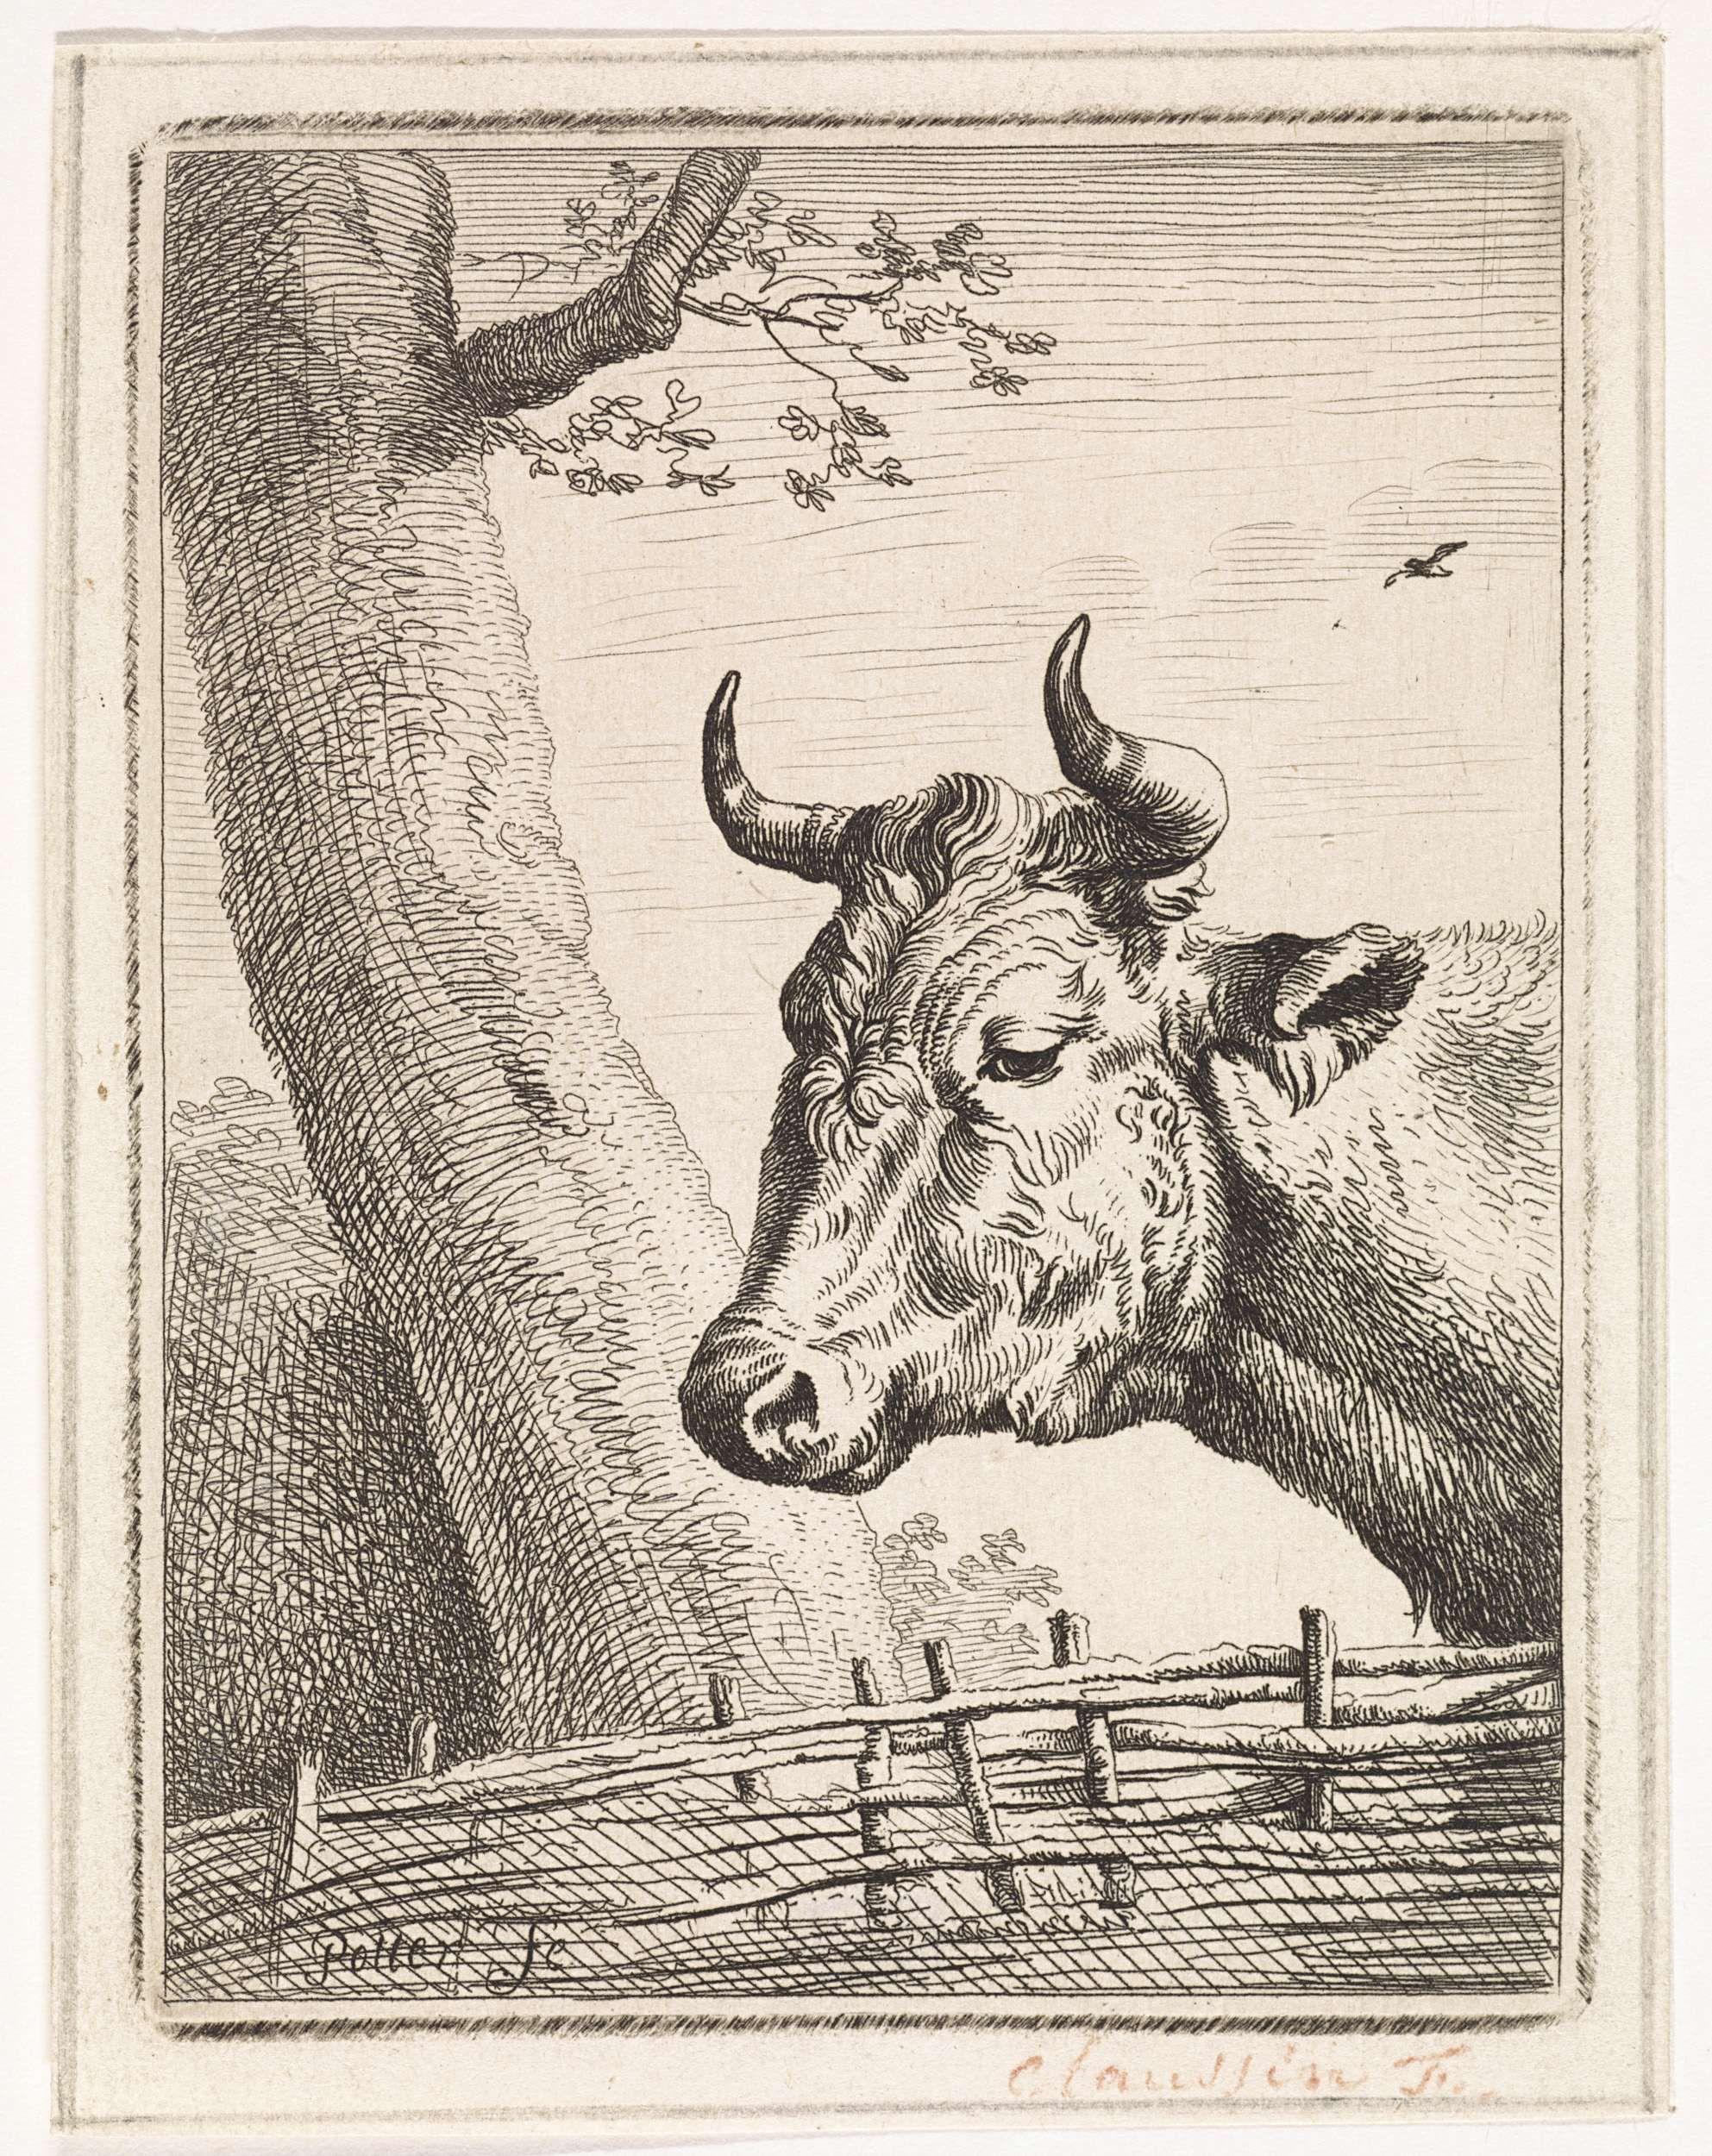 anoniem | Kop van een koe, possibly Ignace Joseph de Claussin, 1805 - 1844 | Koe bij een gevlochten hek.